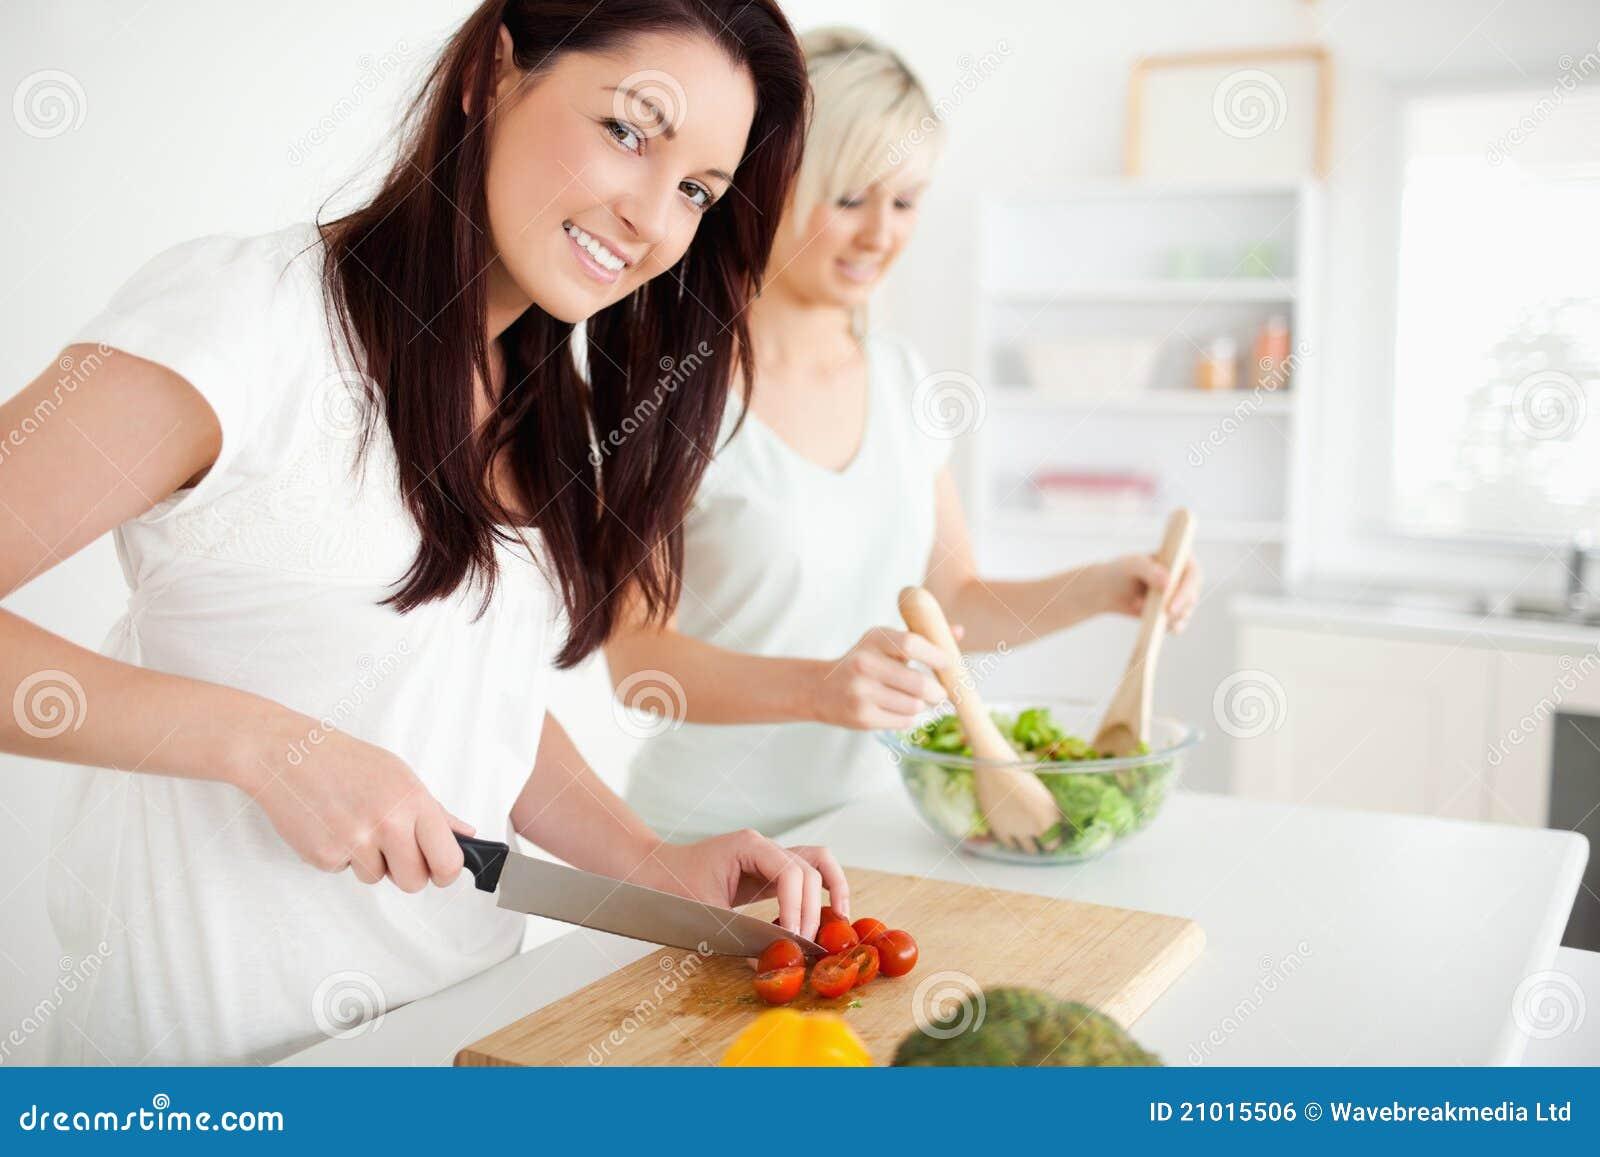 准备正餐的华美的少妇